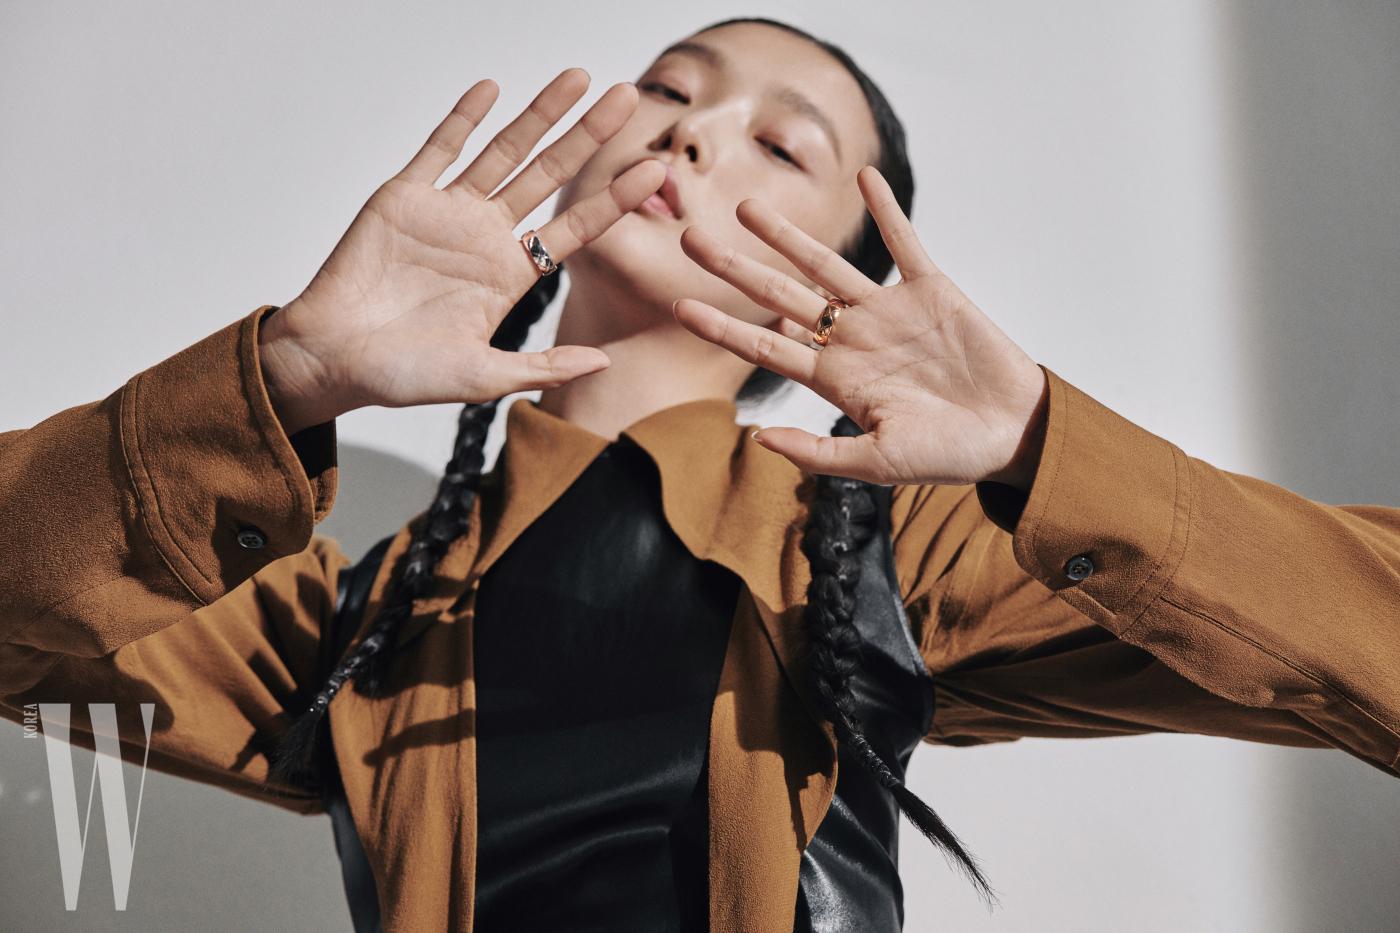 화이트 골드 소재의 스몰 코코 크러쉬 링과 옐로 골드 소재의 스몰 코코 크러쉬 링은 Chanel Fine Jewelry 제품. 길게 늘어진 칼라가 특징인 셔츠 드레스는 Vivienne Westwood, 가죽 베스트는 Zara 제품.